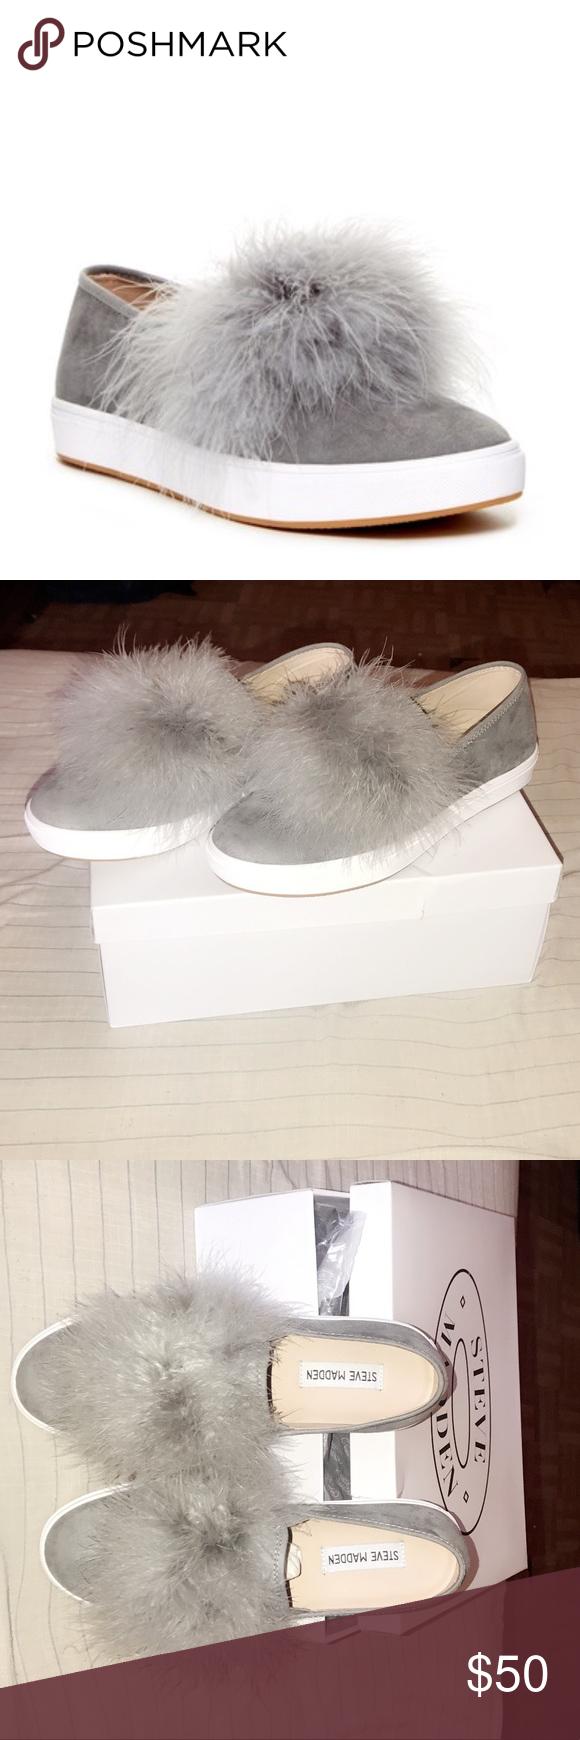 3cefaf03712 Steve Madden Emily Faux Fur Slip-On Sneaker BRAND NEW, never worn ...